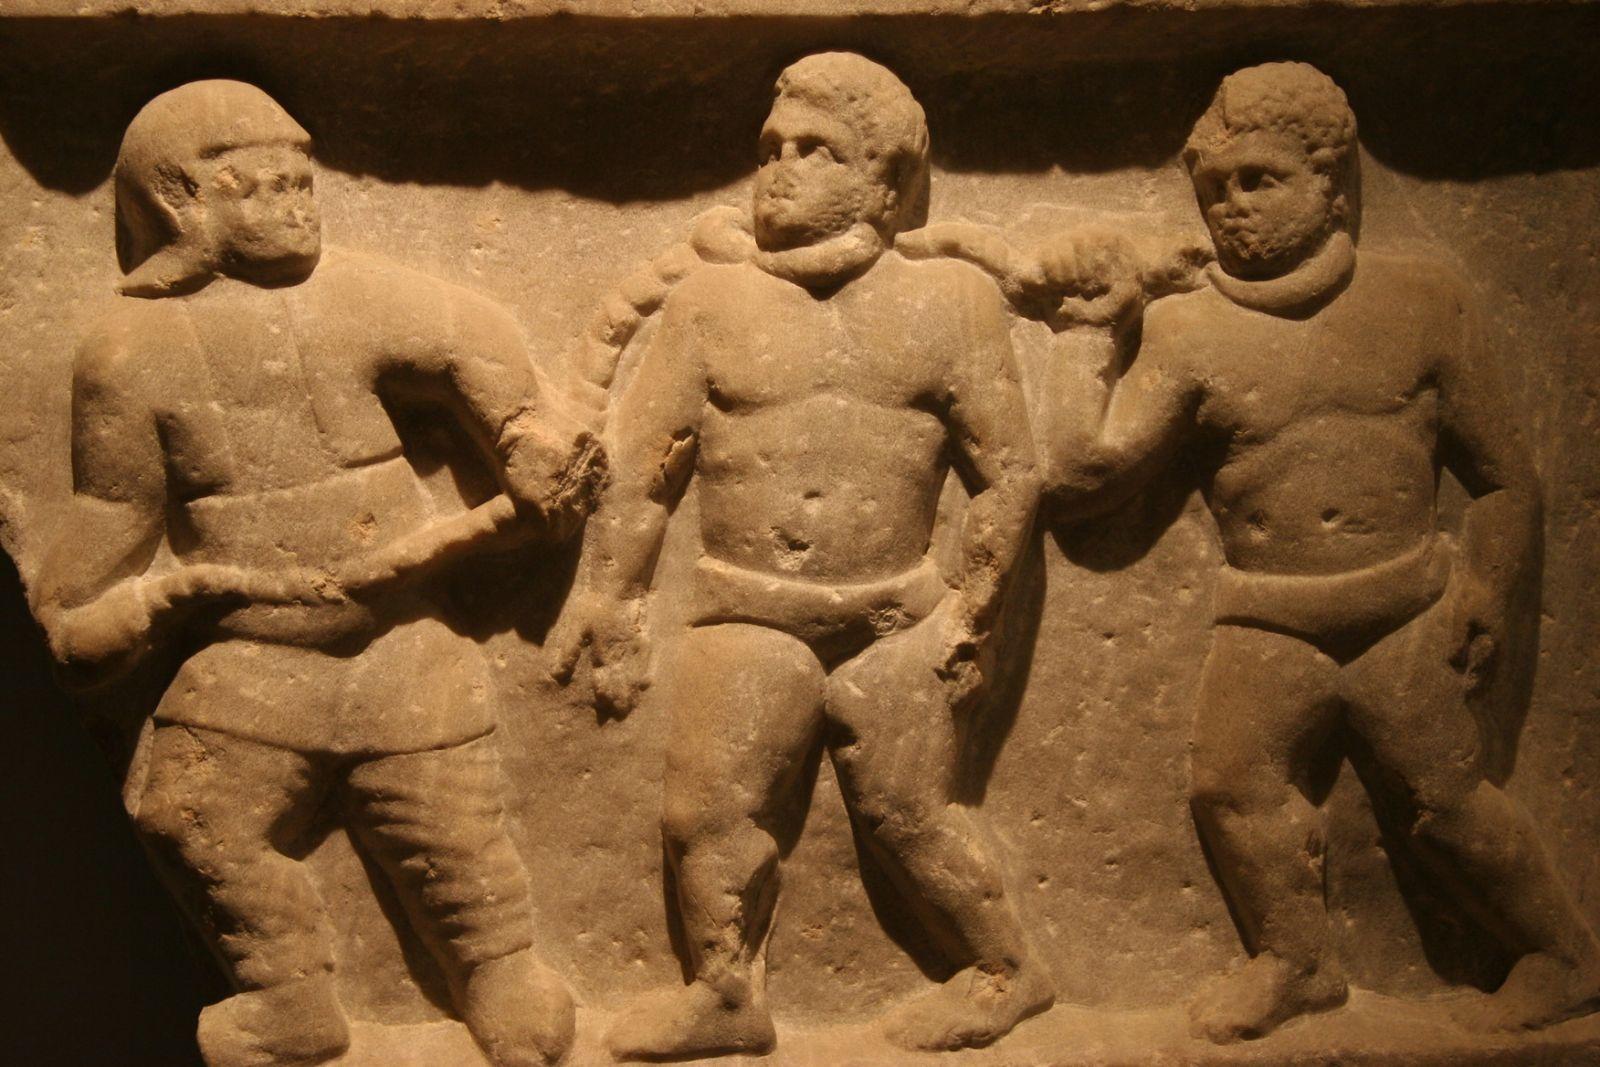 Płaskorzeźba przedstawiająca mężczyznę prowadzącego na łańcuchu przyczepionym do ich szyj dwóch niewolników.